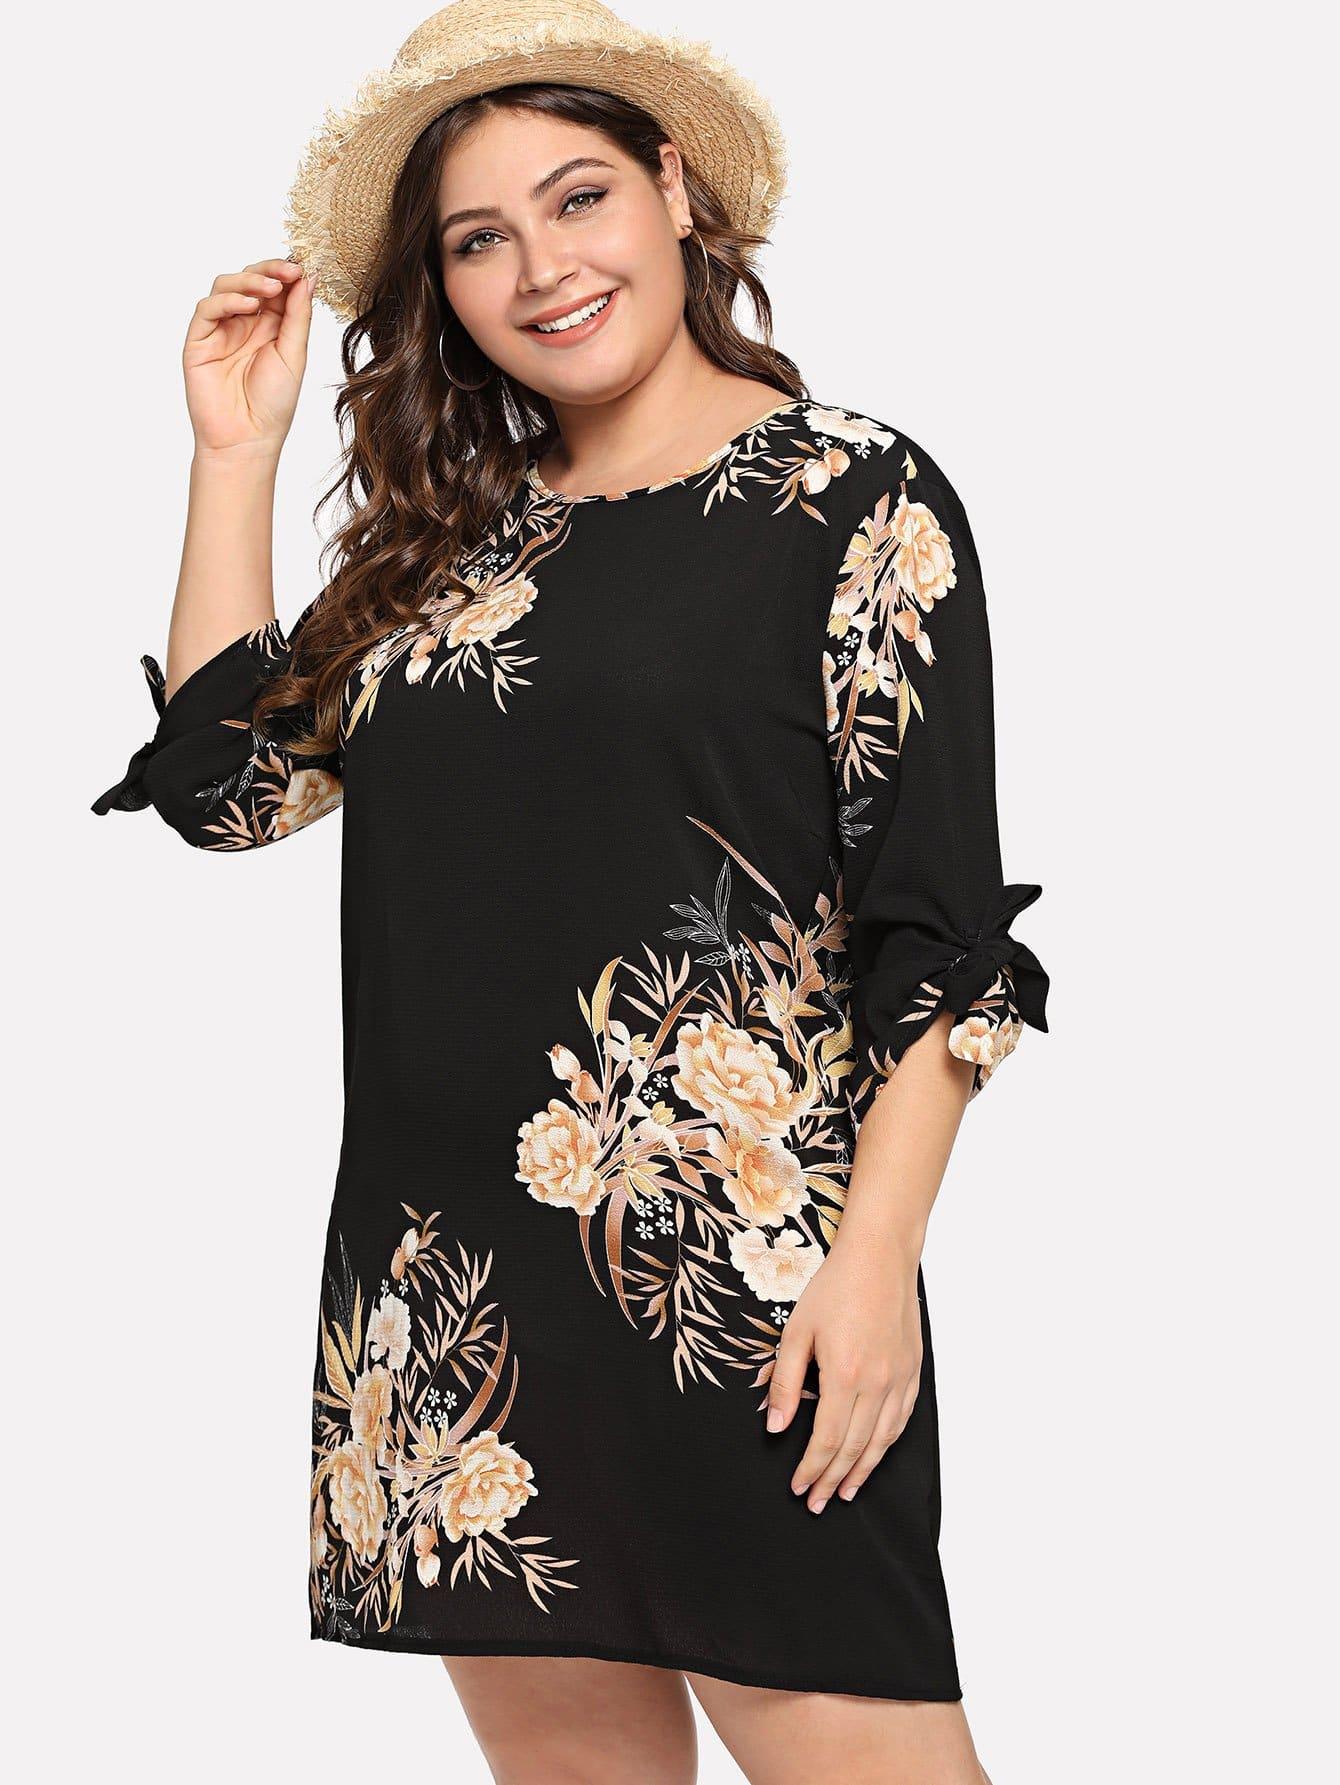 Купить Элегантный Цветочный с бантом Чёрные Платья большого размера, Carol, SheIn